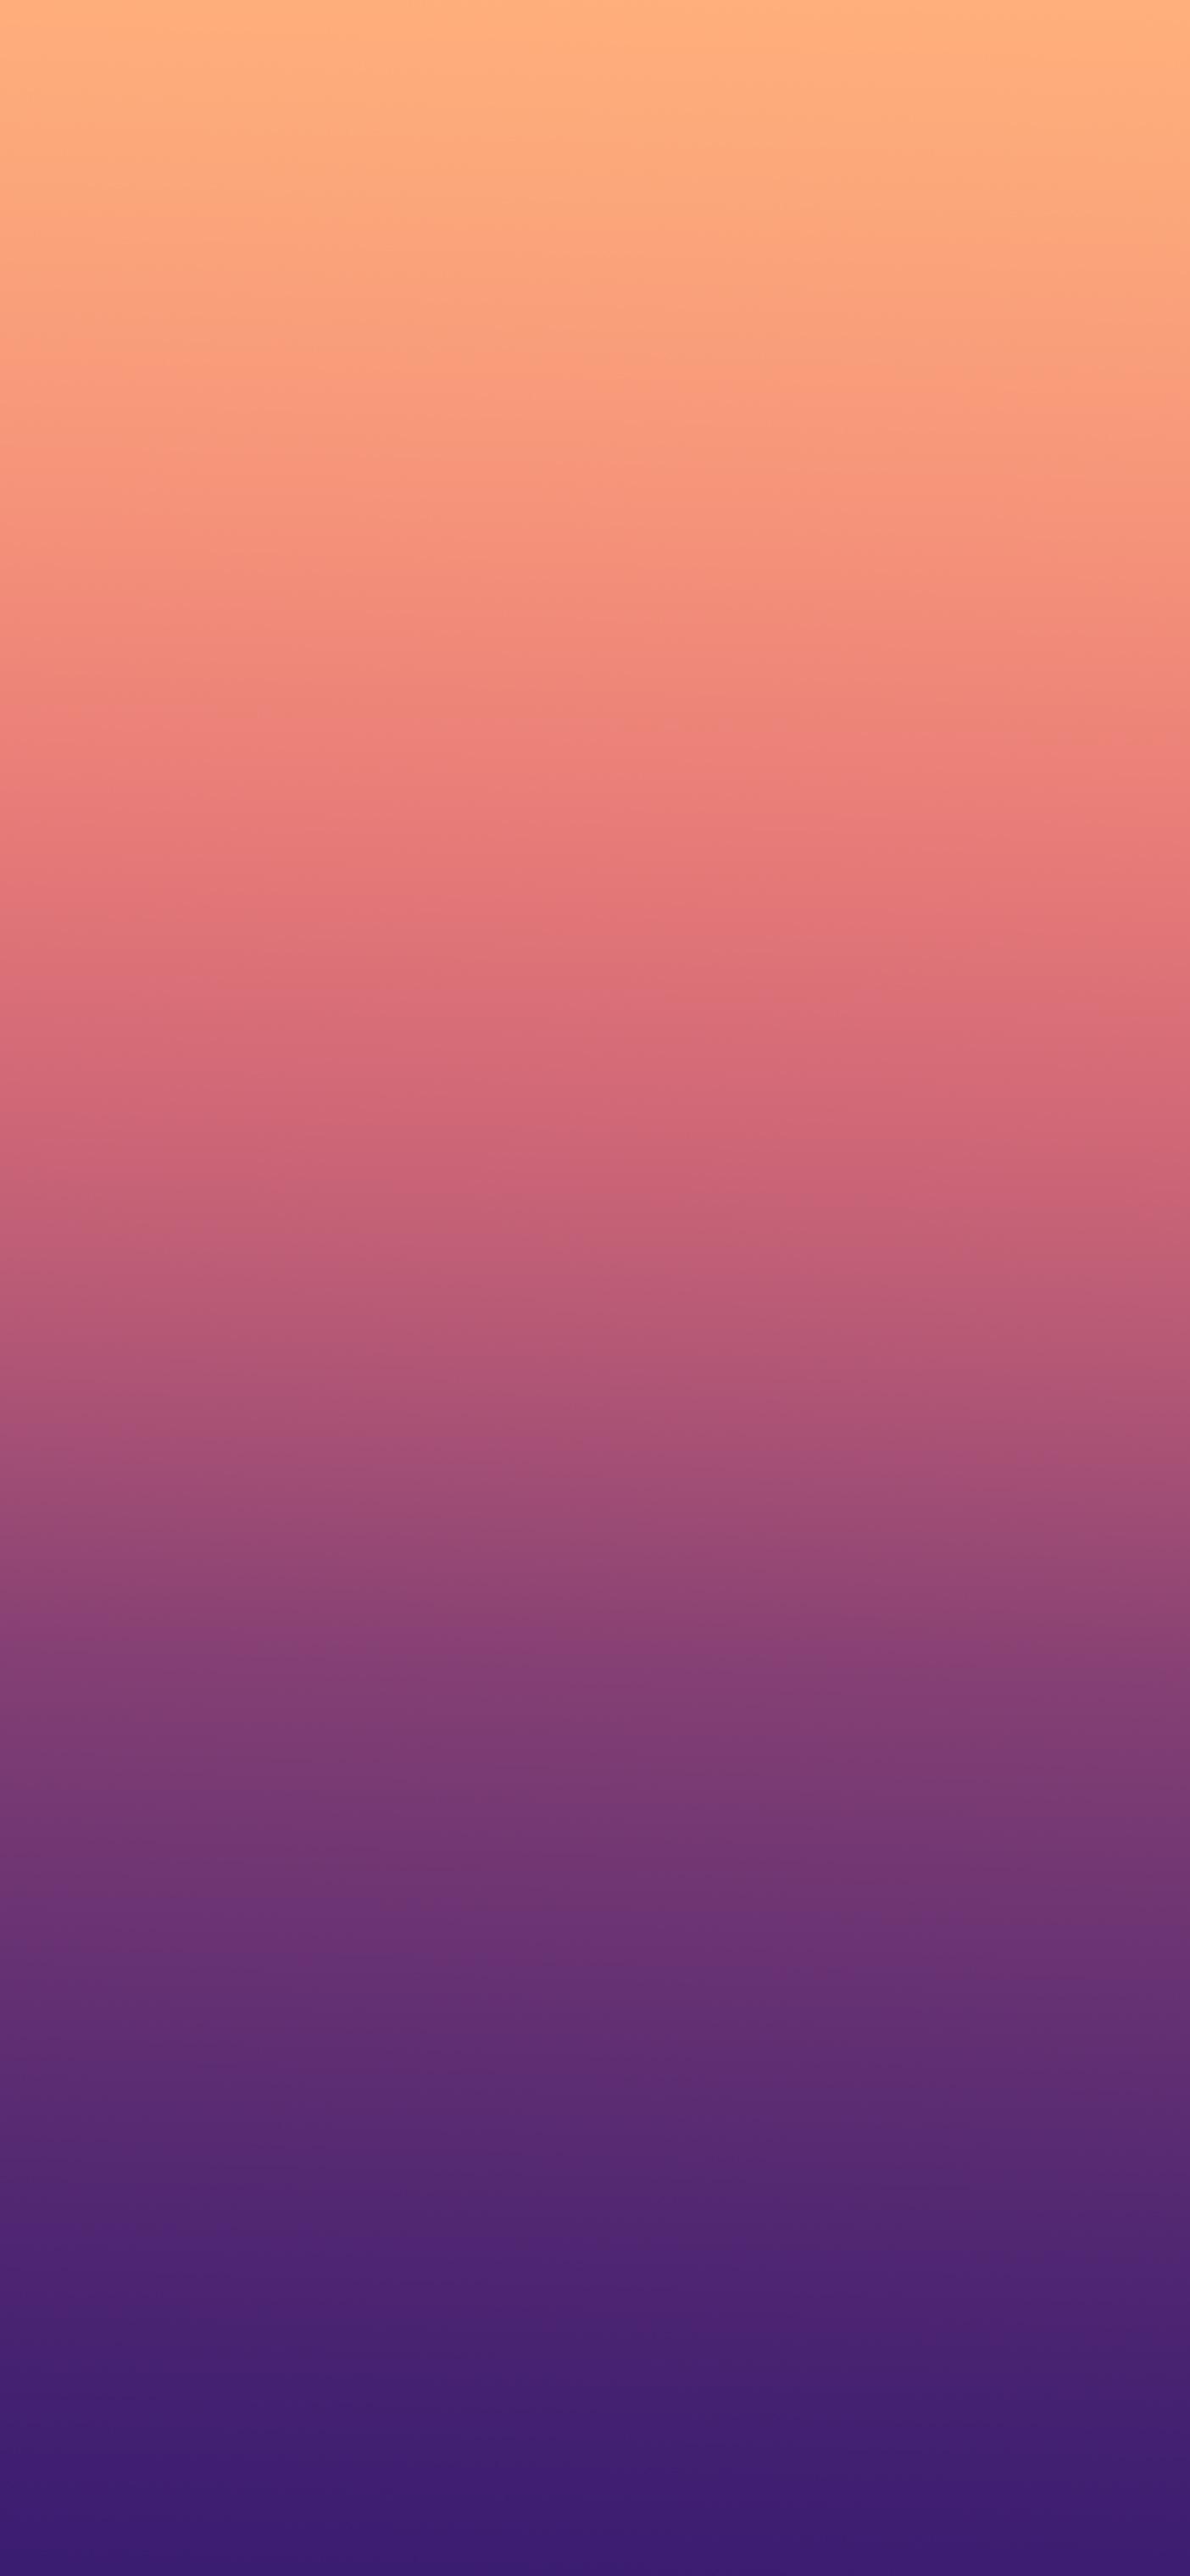 Gradient iPhone Wallpaper 2